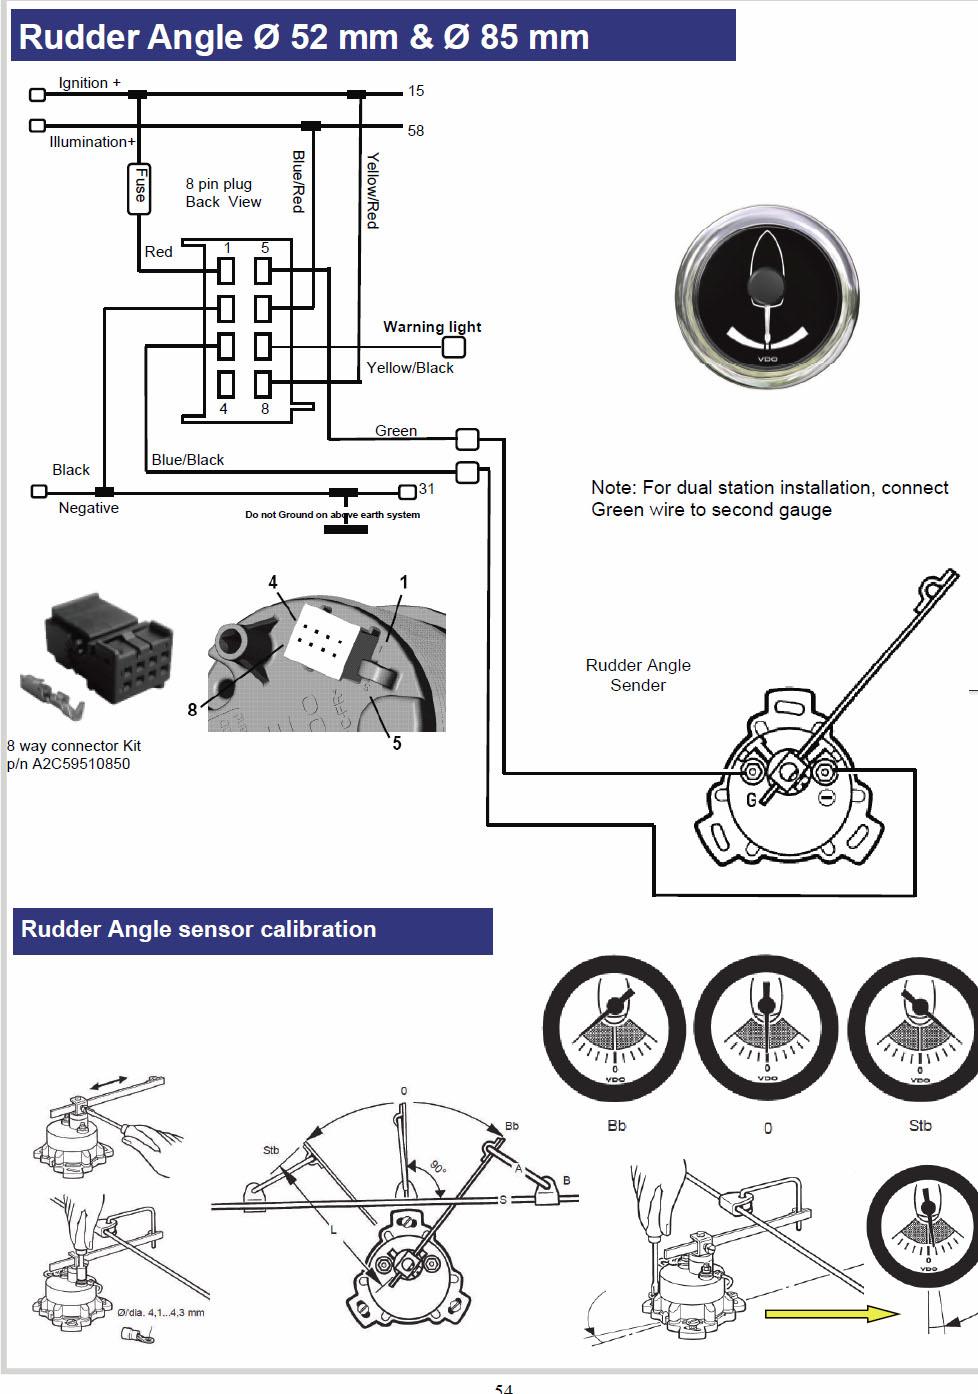 medium resolution of vdo rudder gauge wiring diagram wiring diagram expert vdo rudder angle indicator wiring diagram vdo rudder